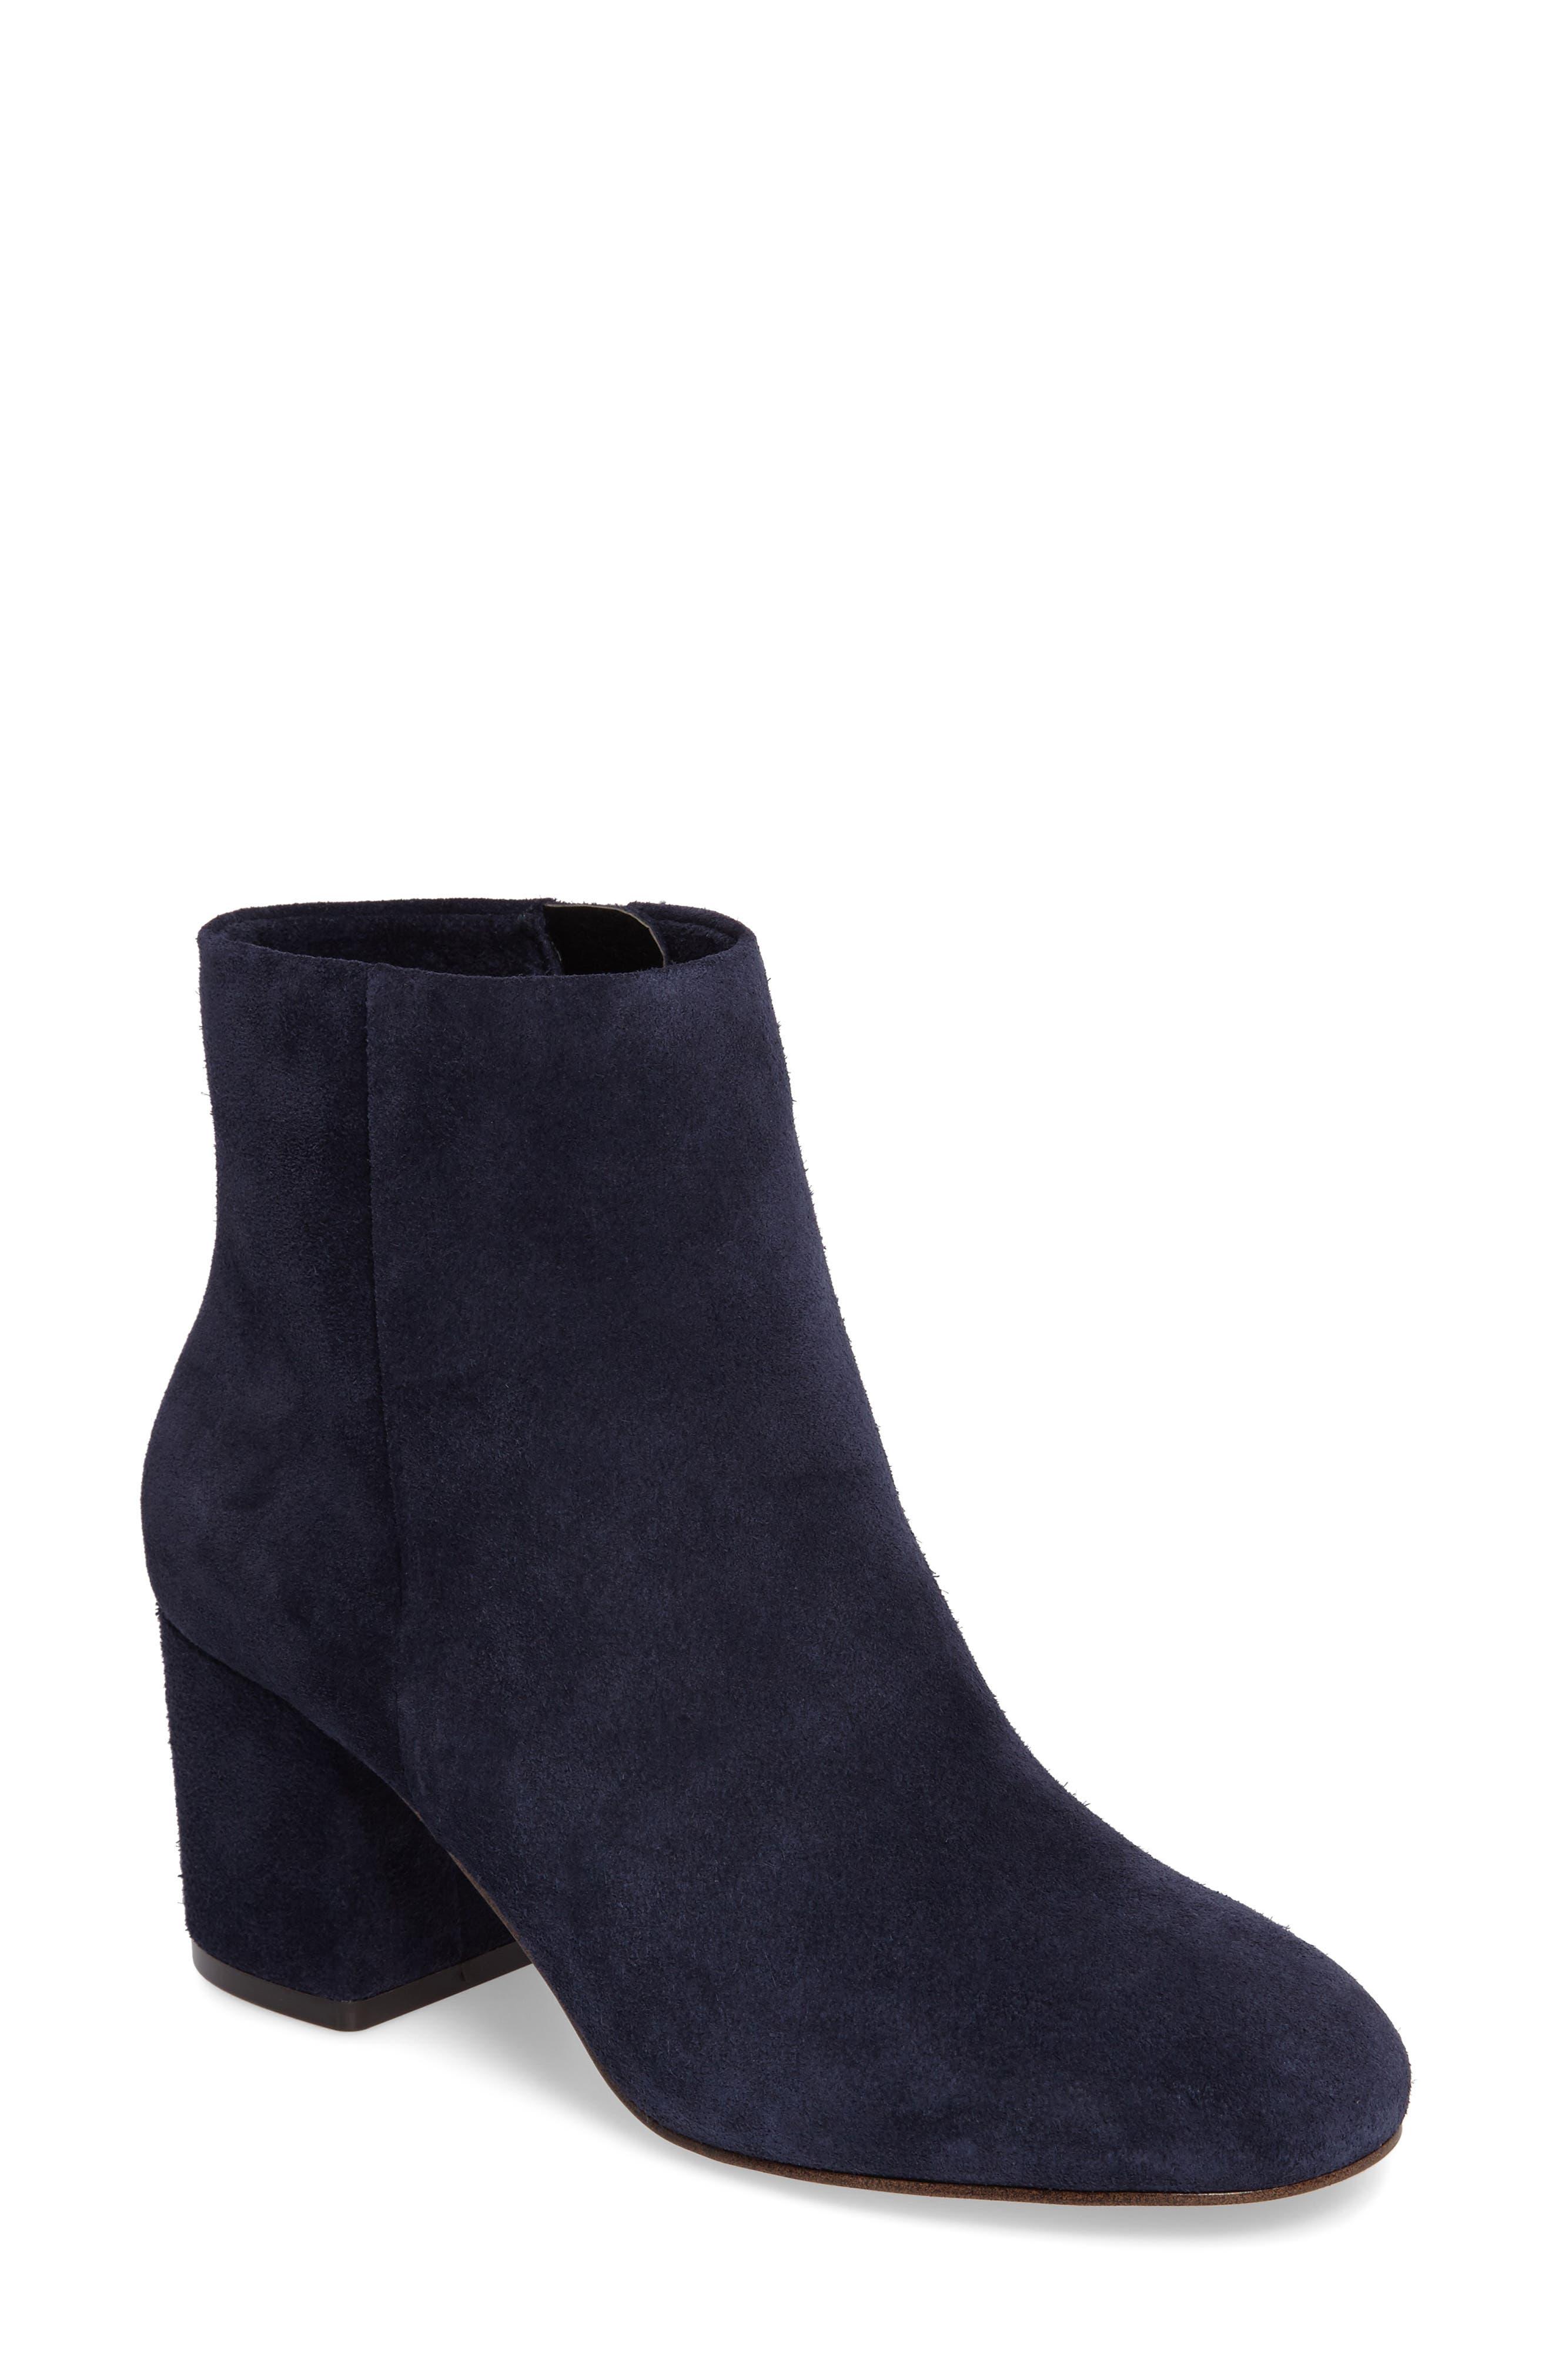 Splendid Daniella Block Heel Bootie (Women)